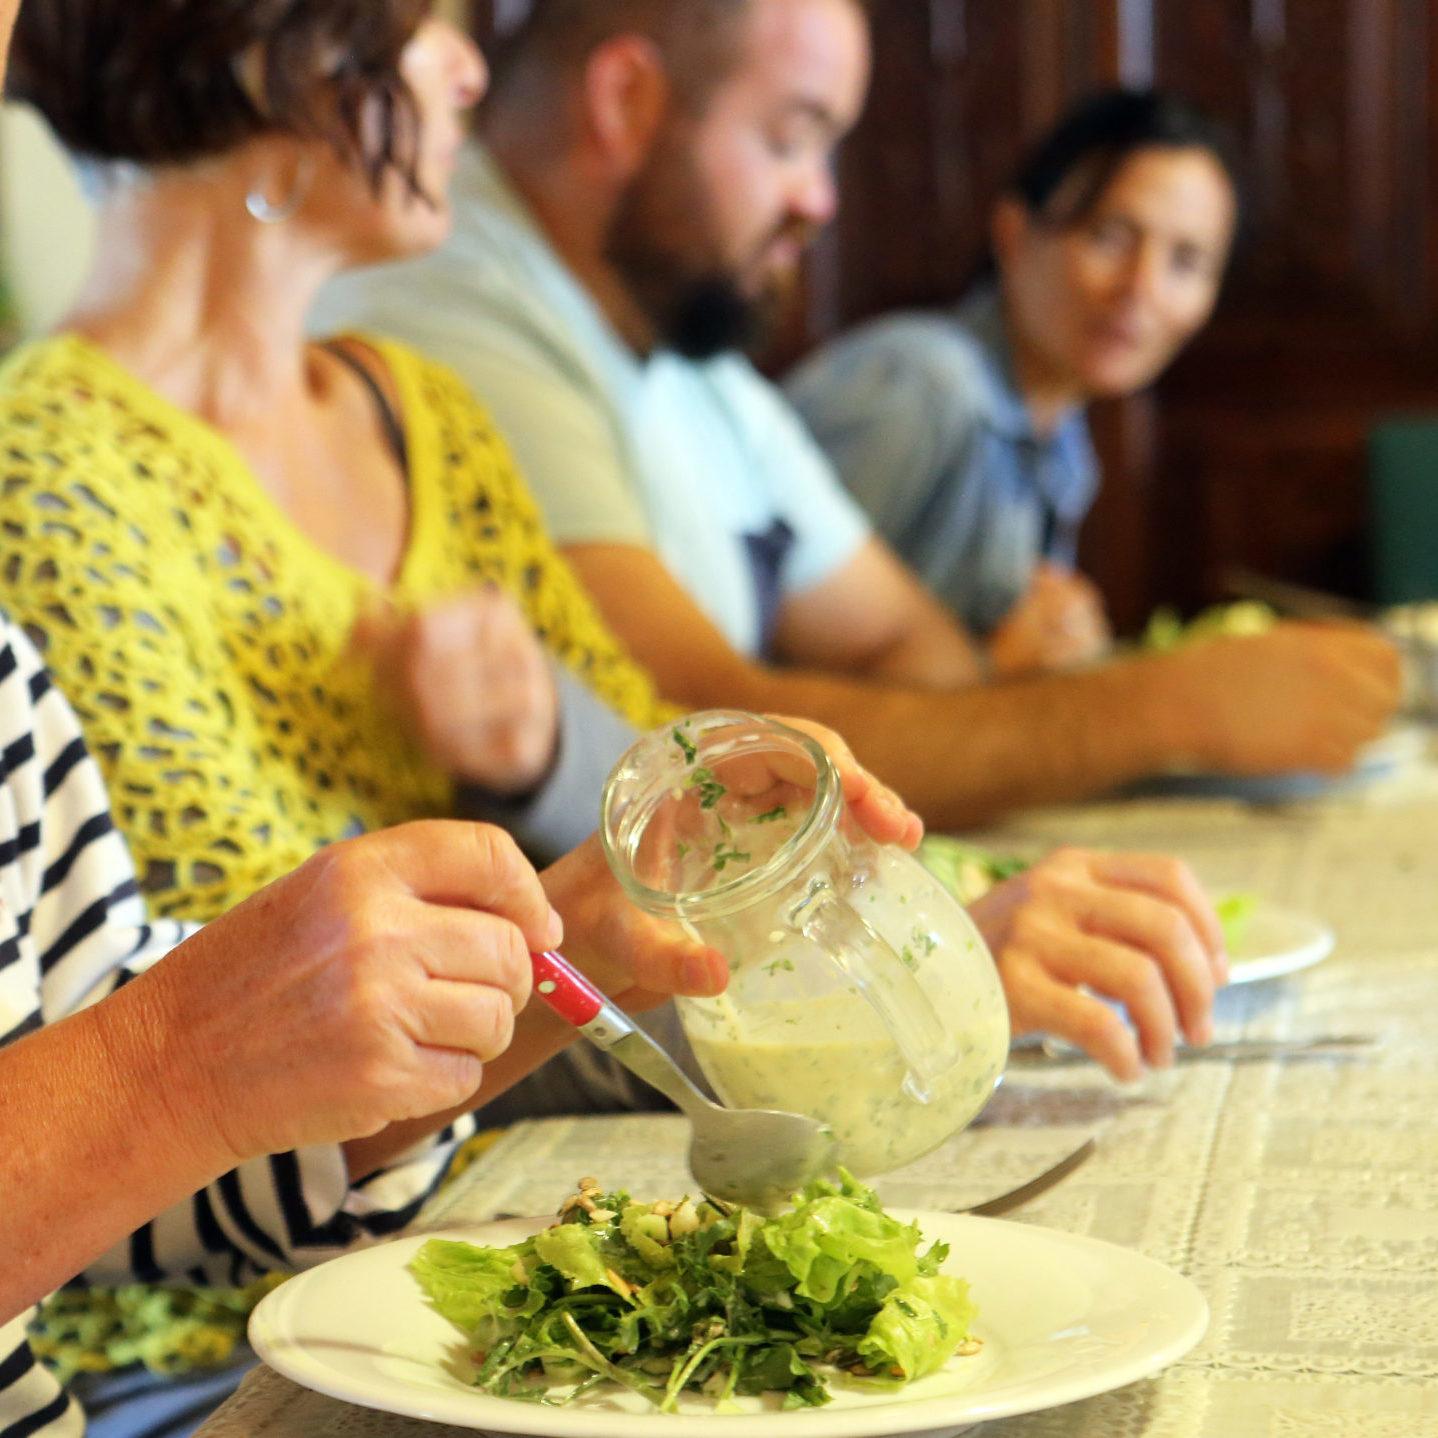 Actividades para grupos| Beewellness | Especialistas en nutrición y detox